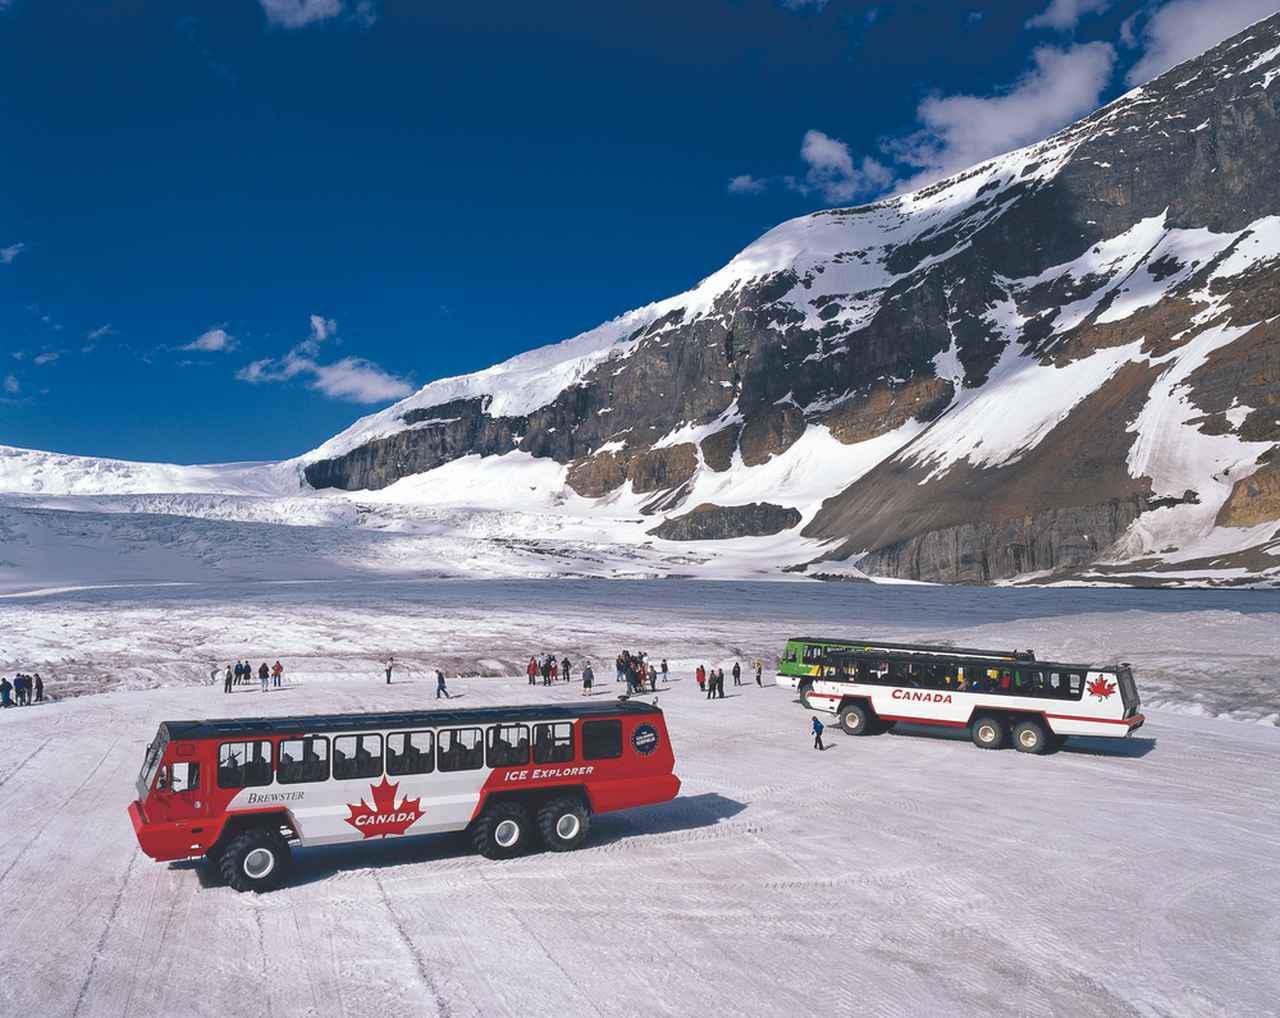 画像1: 写真提供:Brewster Travel Canada/カナダ観光局